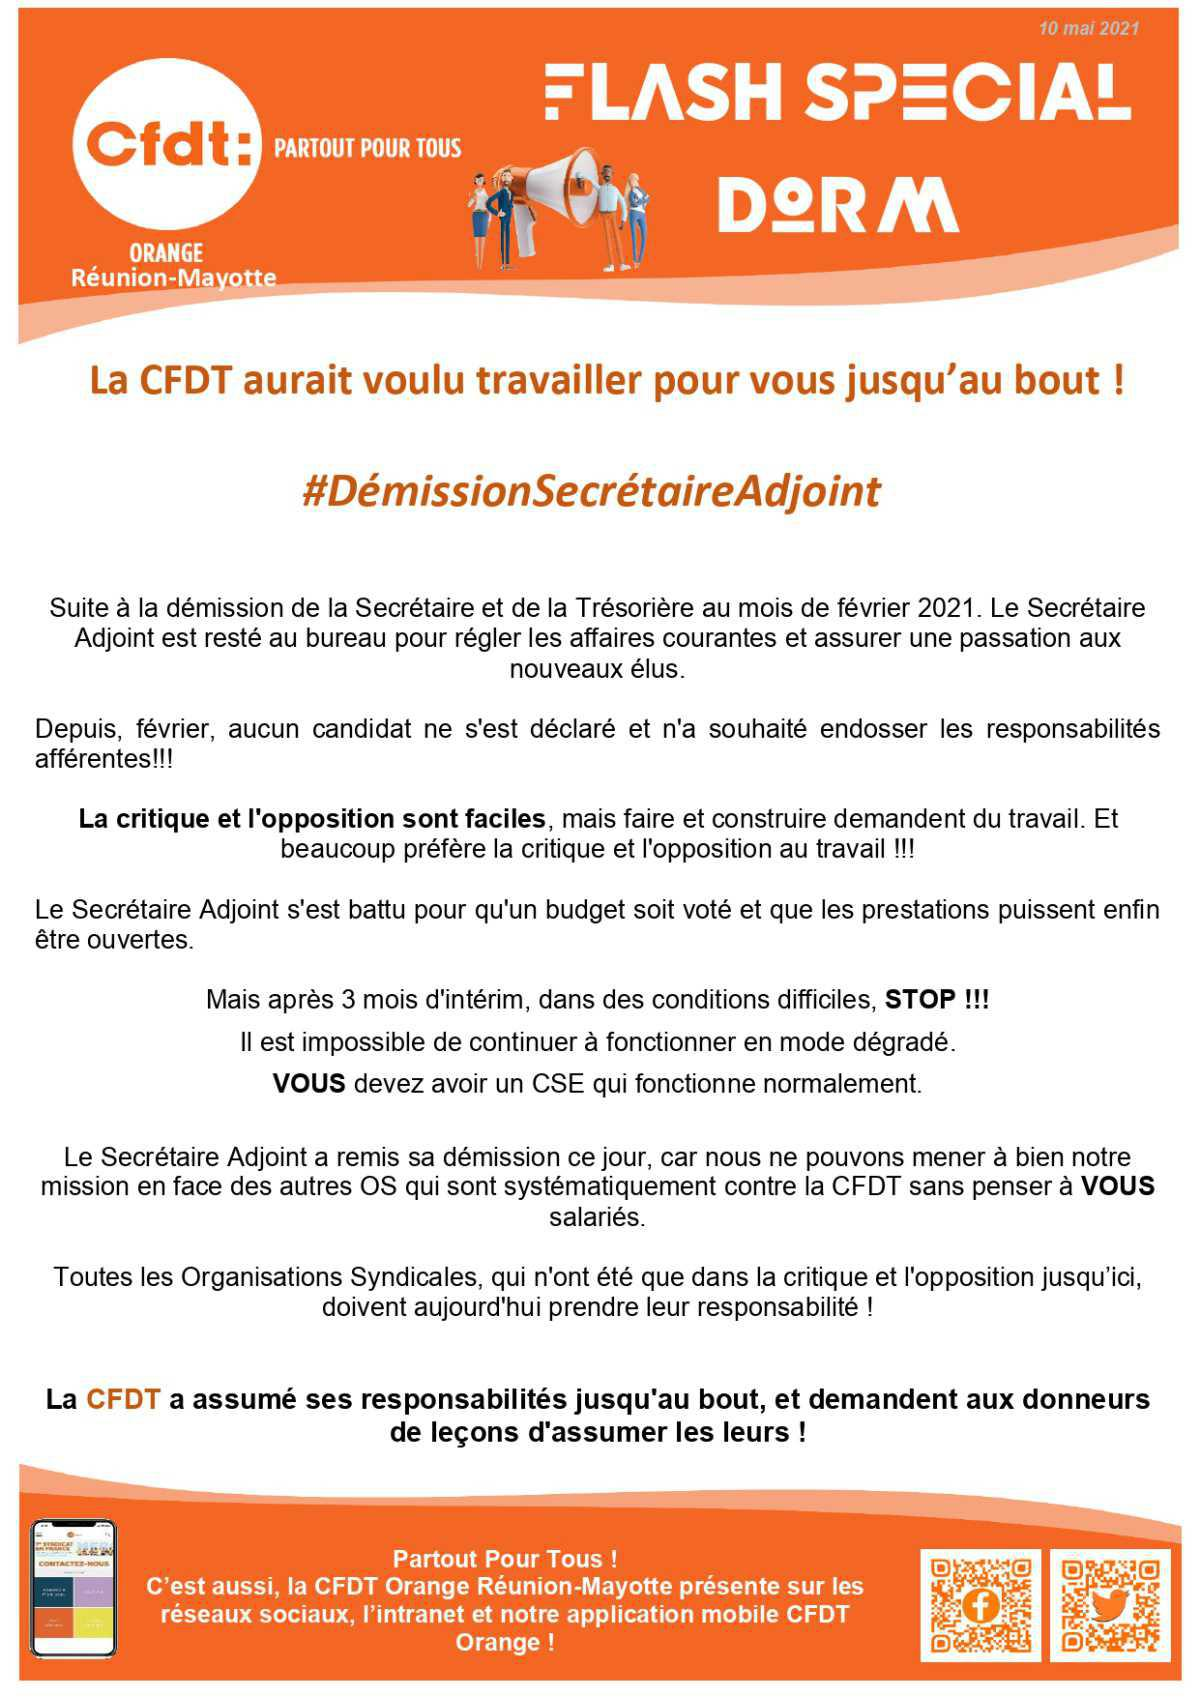 #Flash Spécial - Démission du secrétaire adjoint du CSE